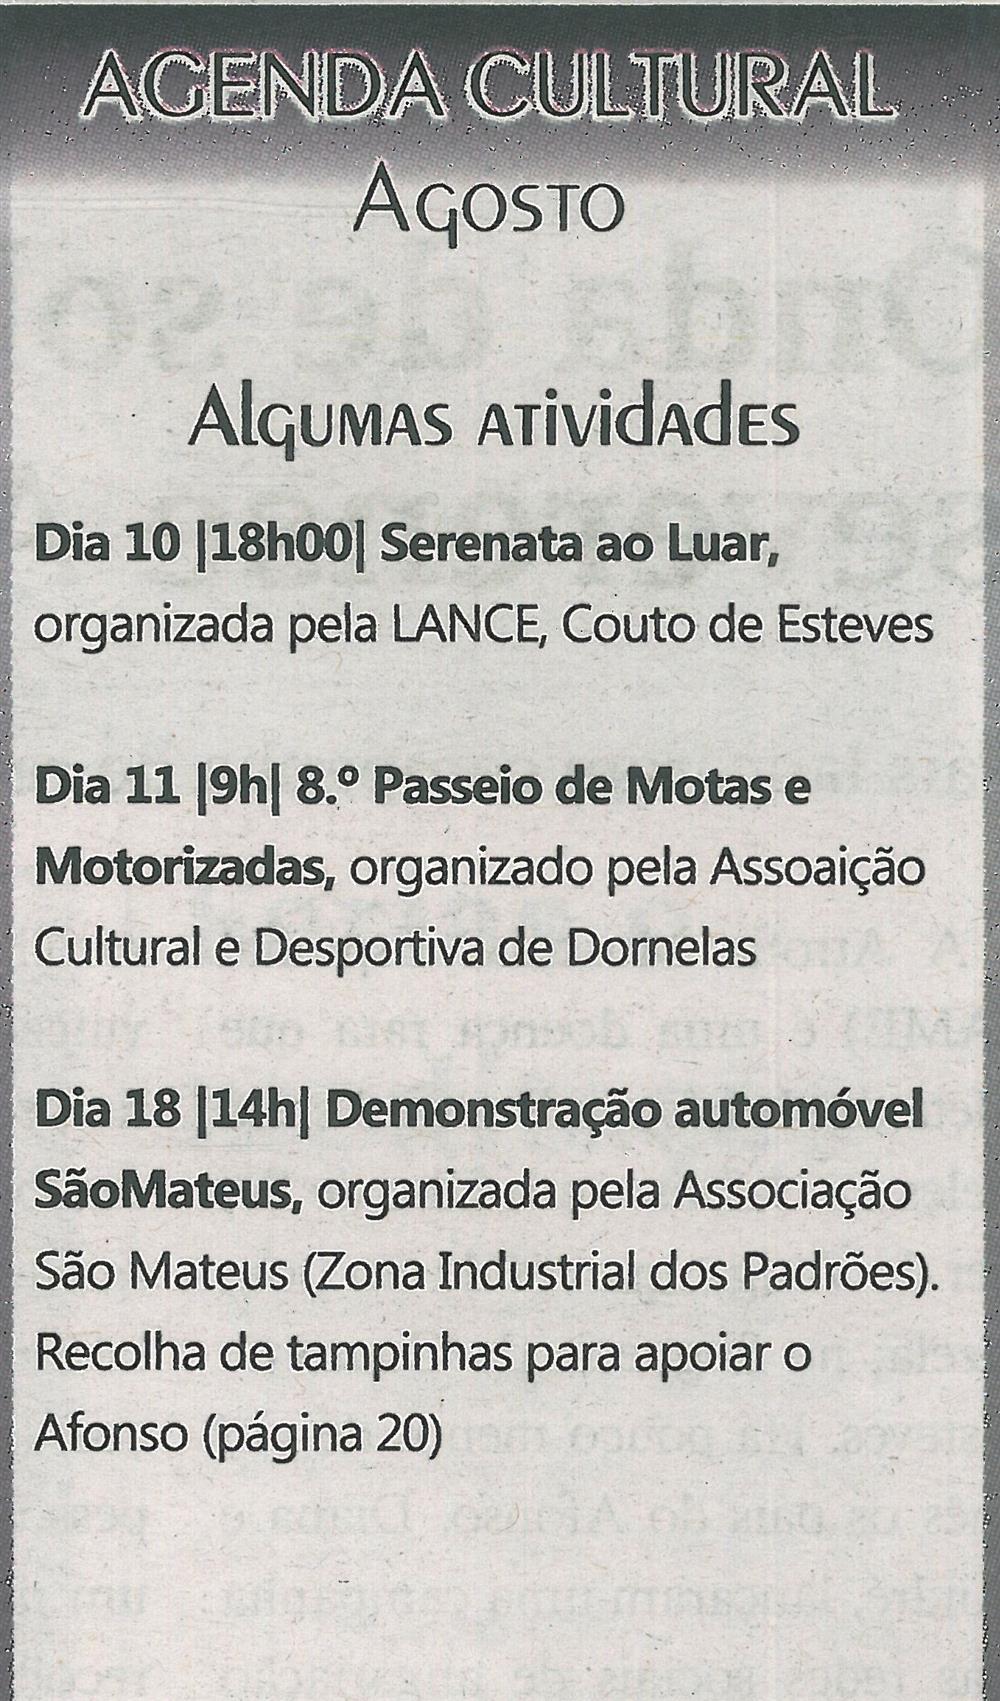 TV-ago.'19-p.19-Agenda Cultural [de] agosto : algumas atividades.jpg